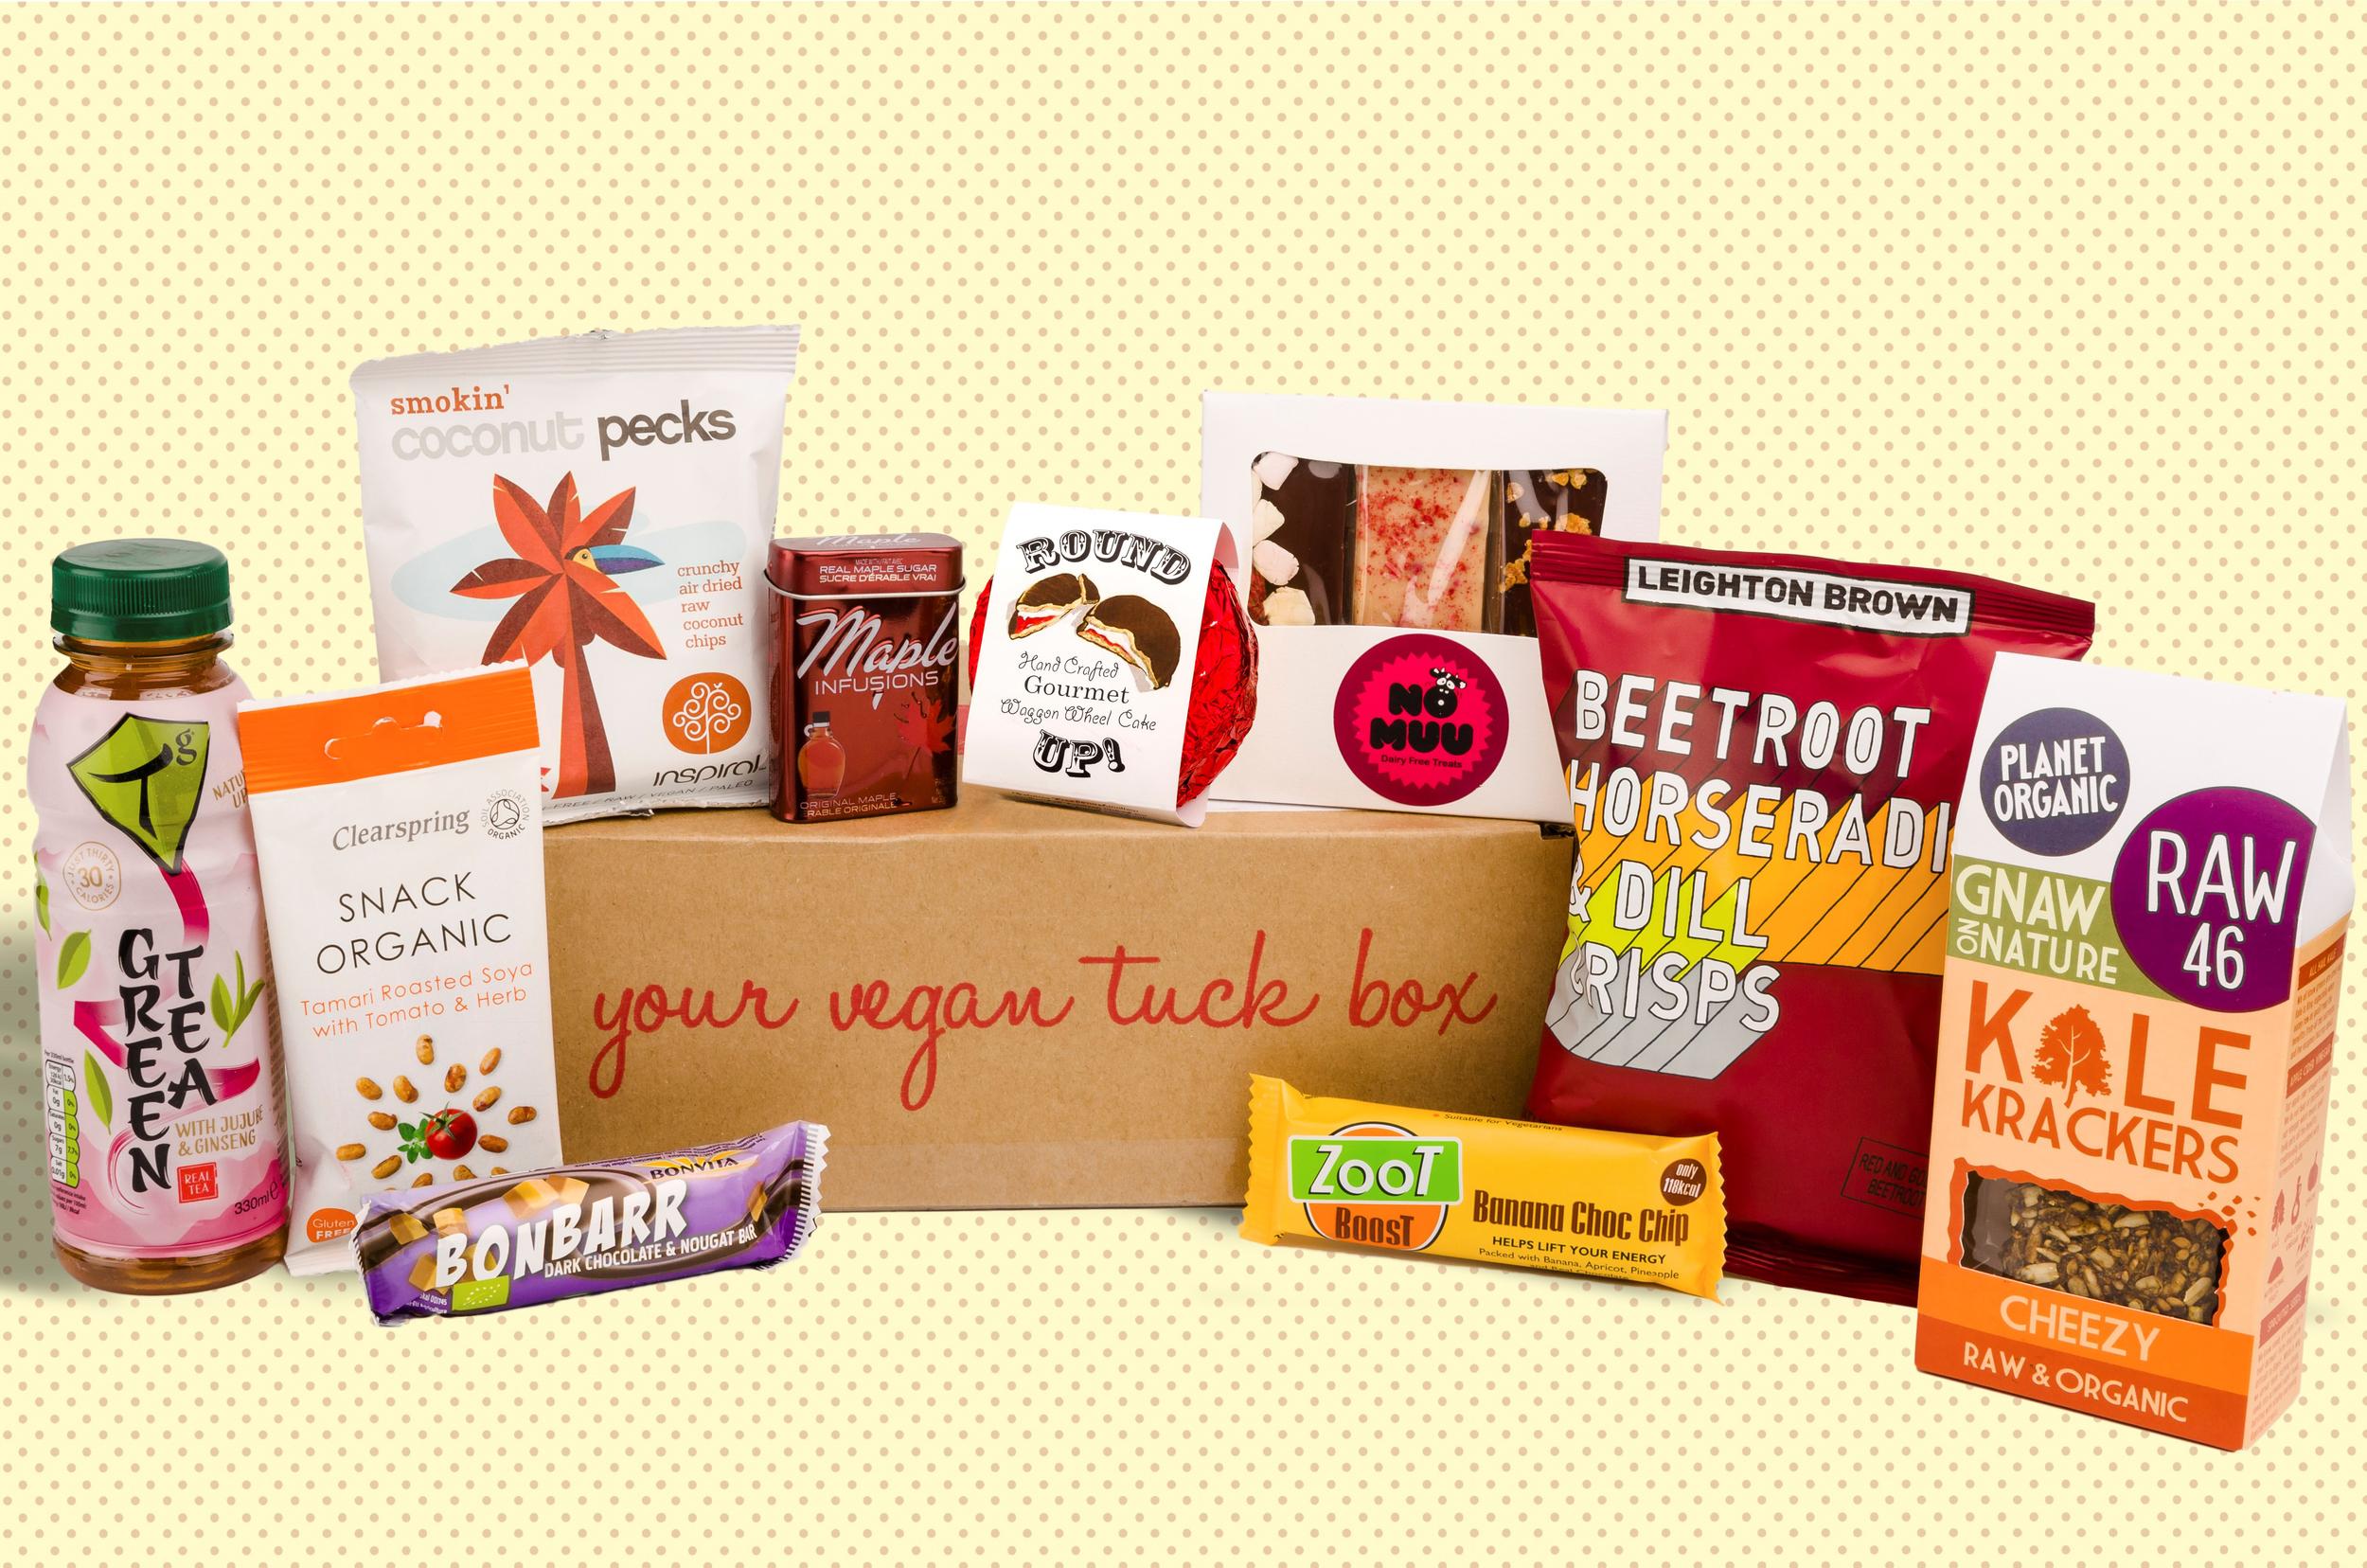 Vegan Tuck Box of September 2015